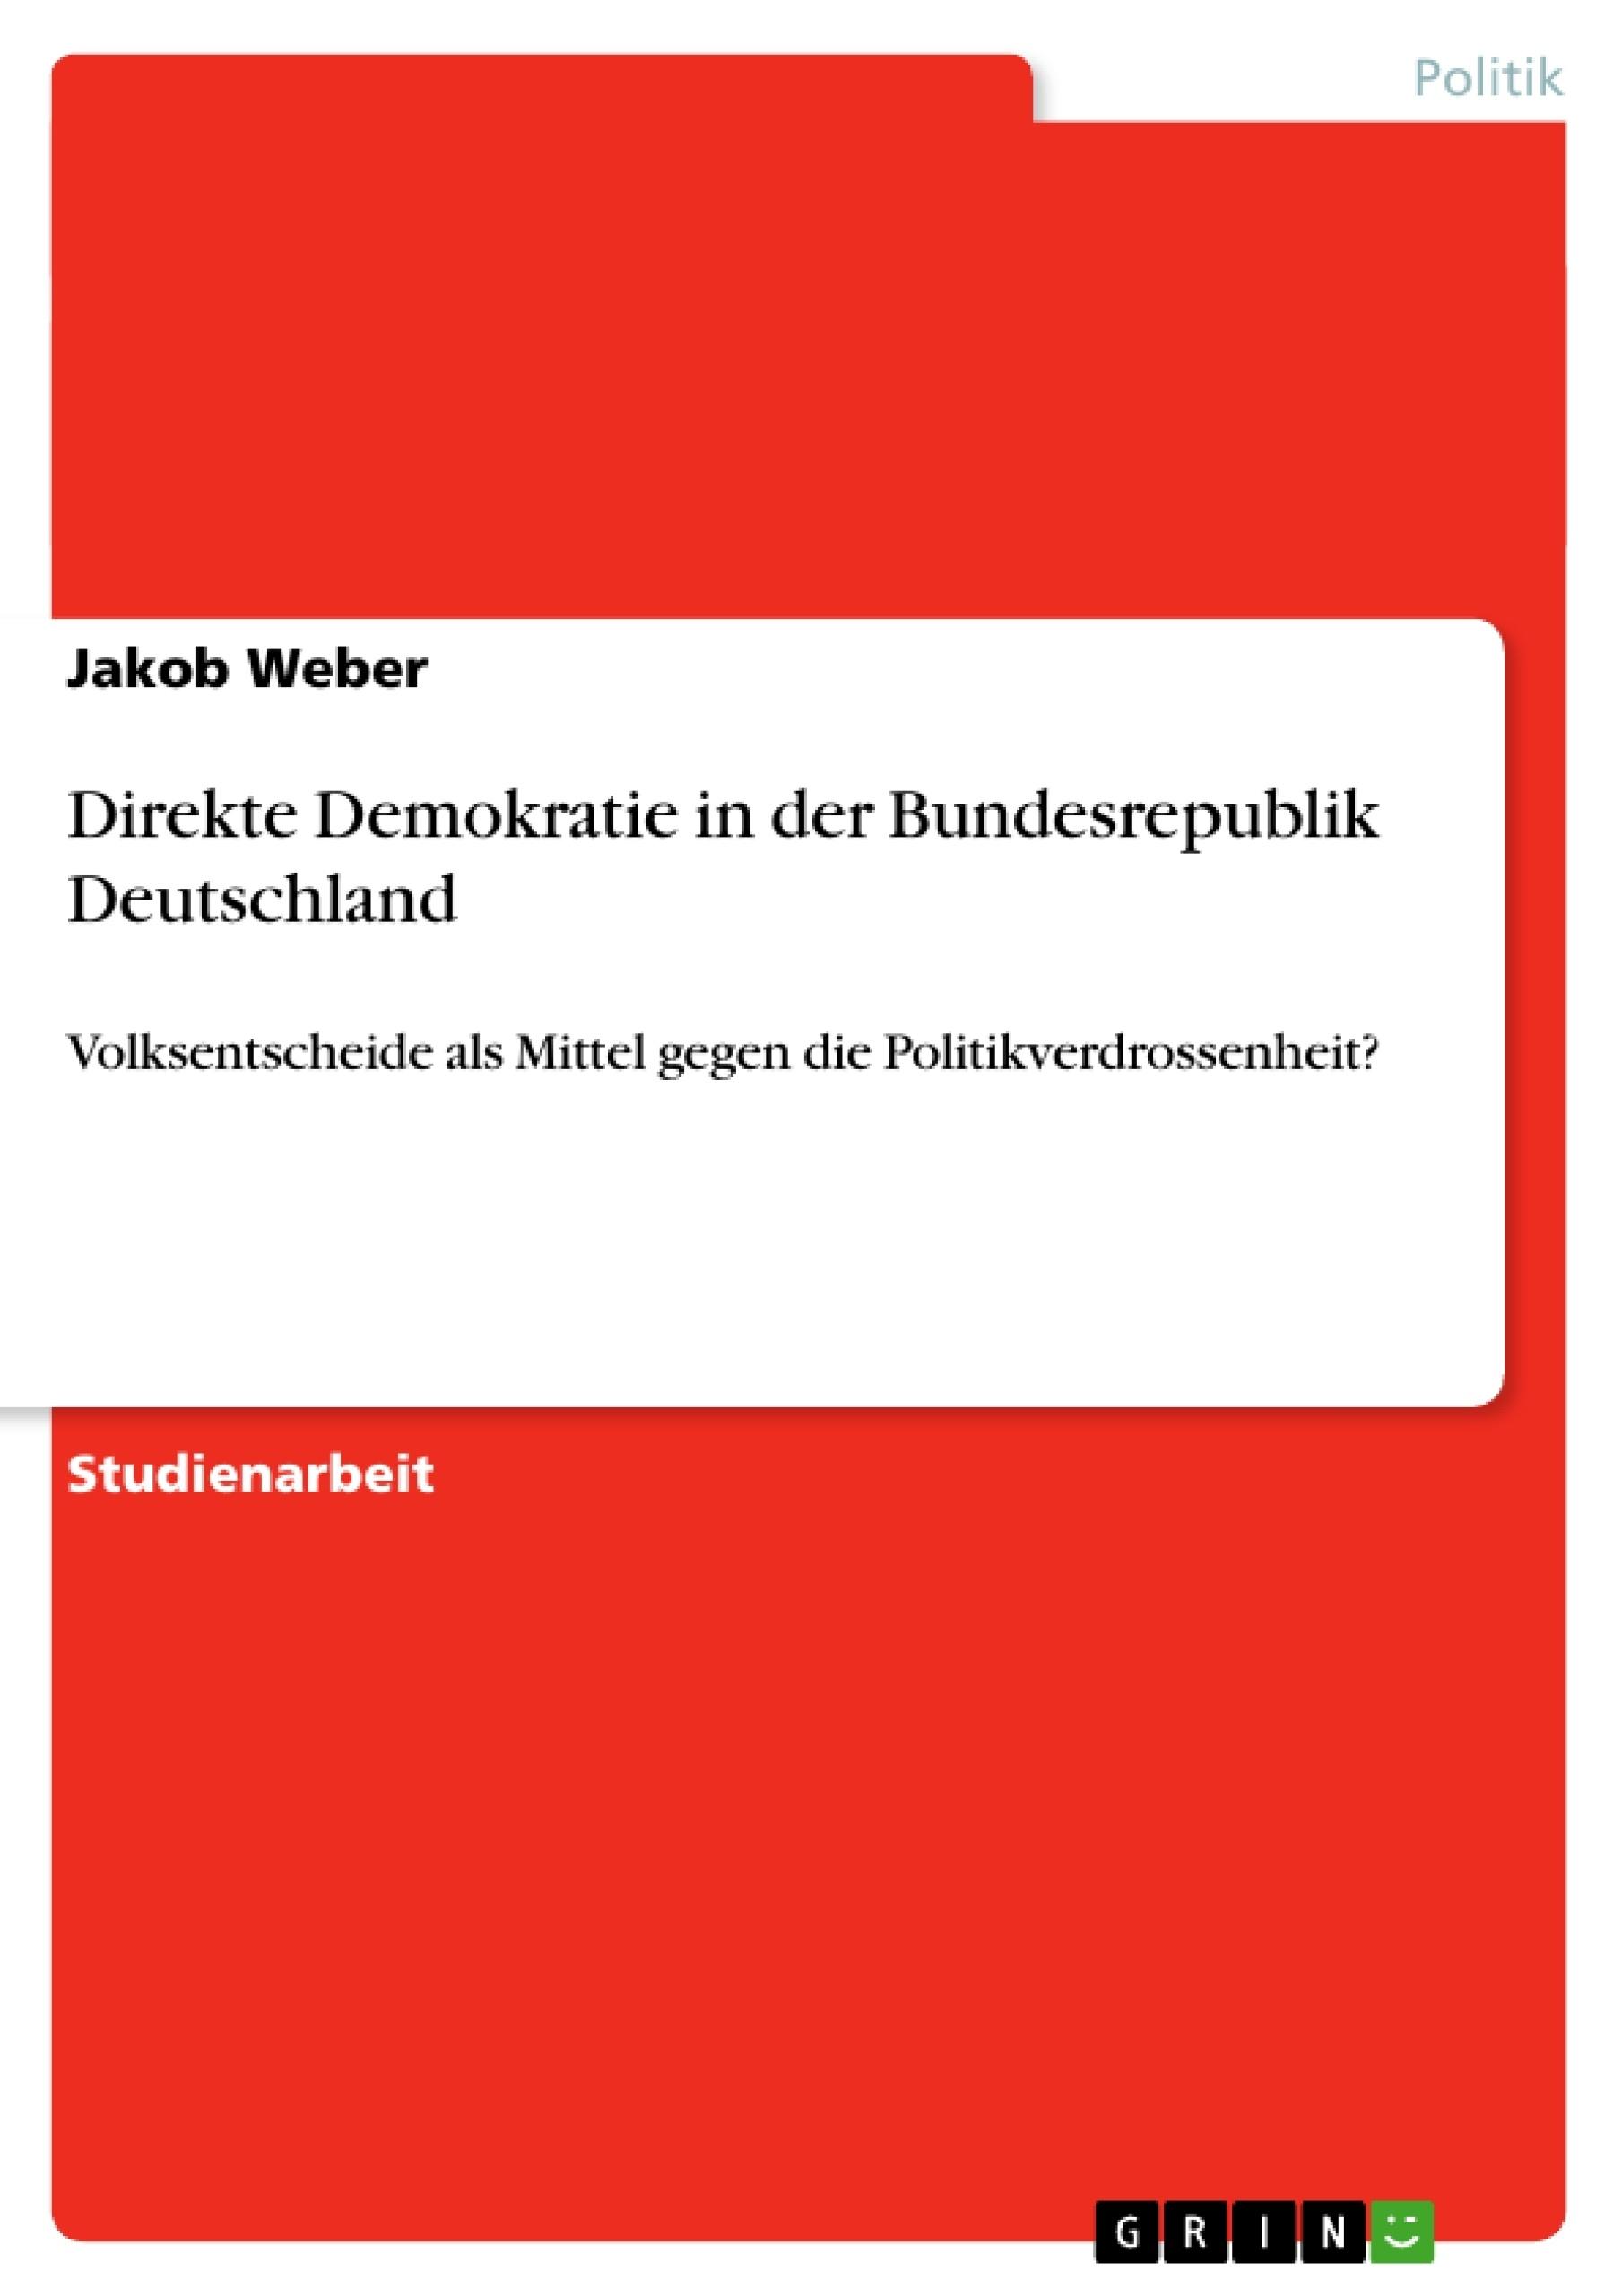 Titel: Direkte Demokratie in der Bundesrepublik Deutschland